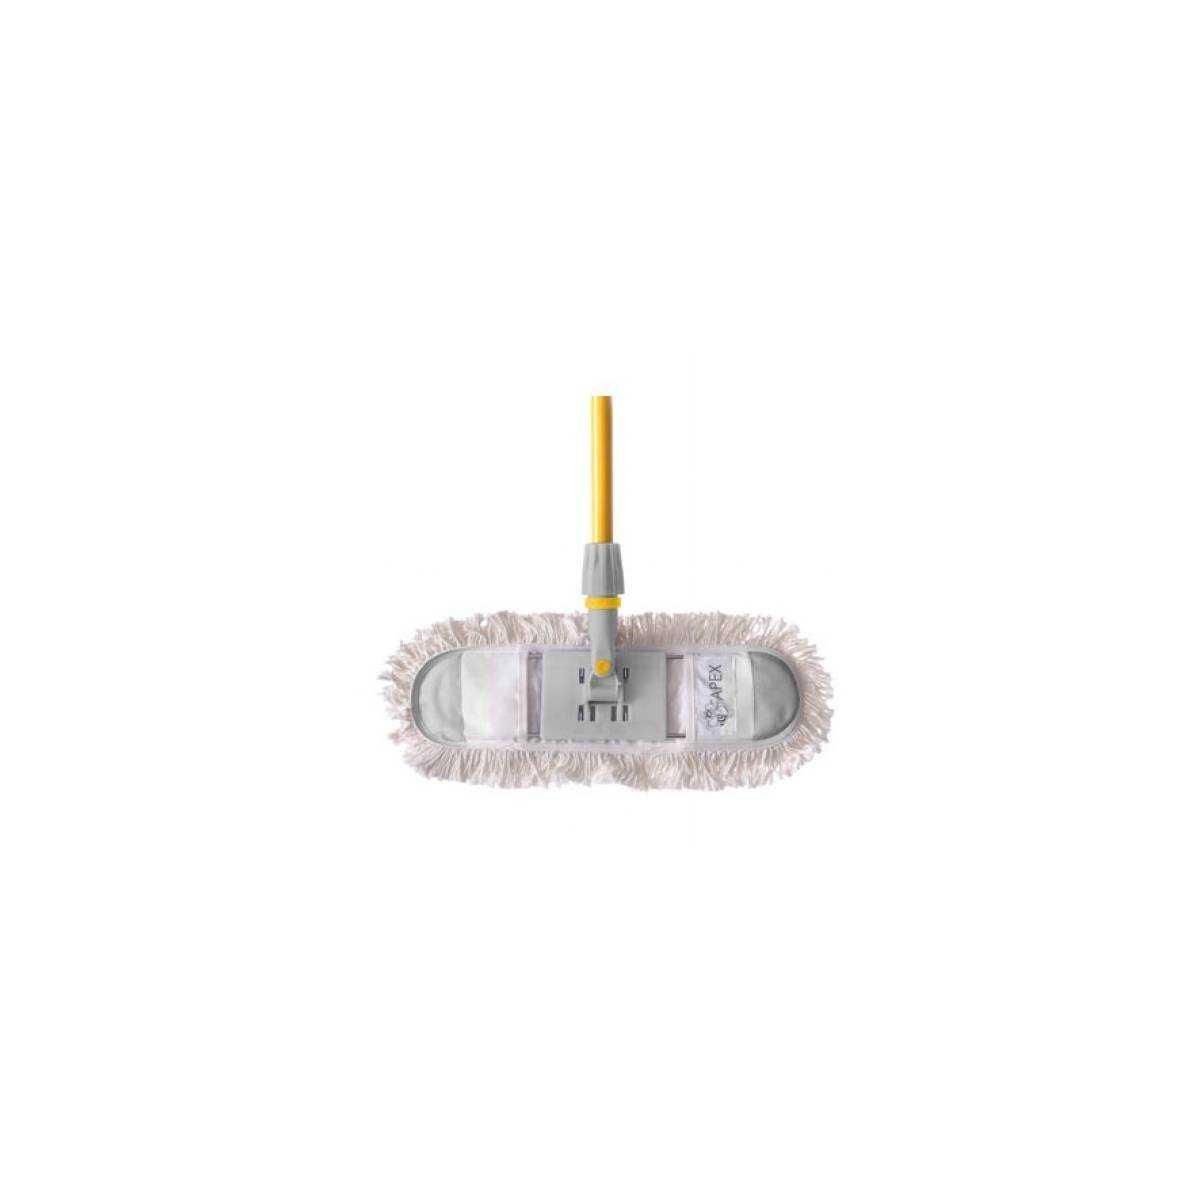 Швабра для сухой уборки хлопок 60см 10826 APEX - Fratelli Re SpA